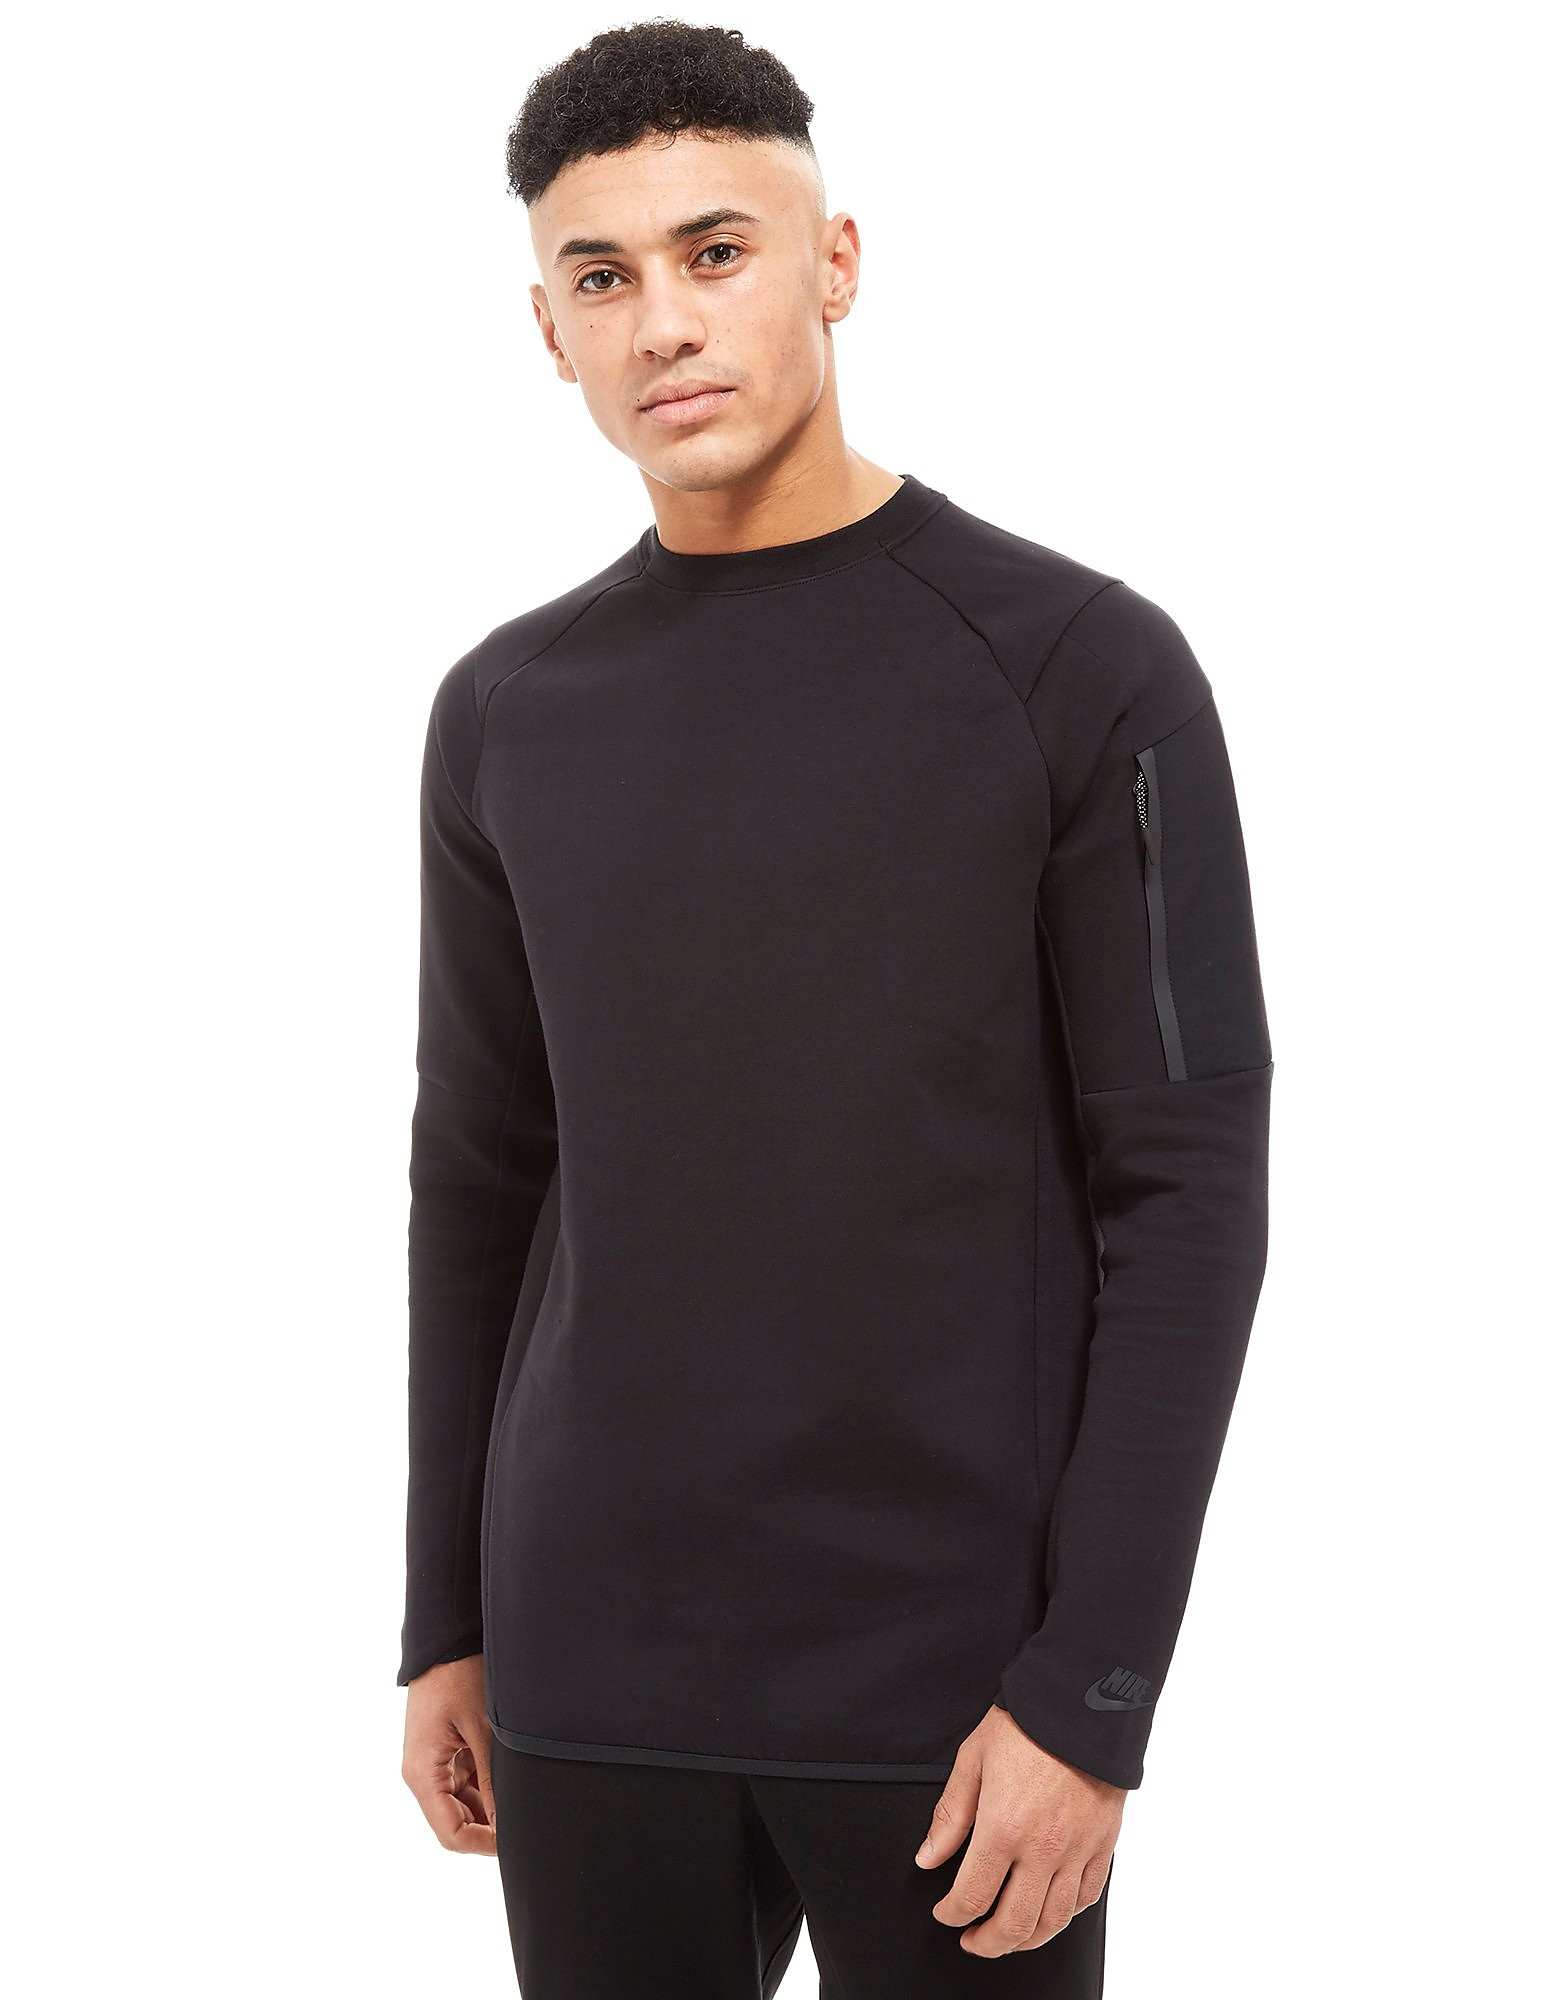 Nike Tech 2.0 Fleece Crew Sweatshirt